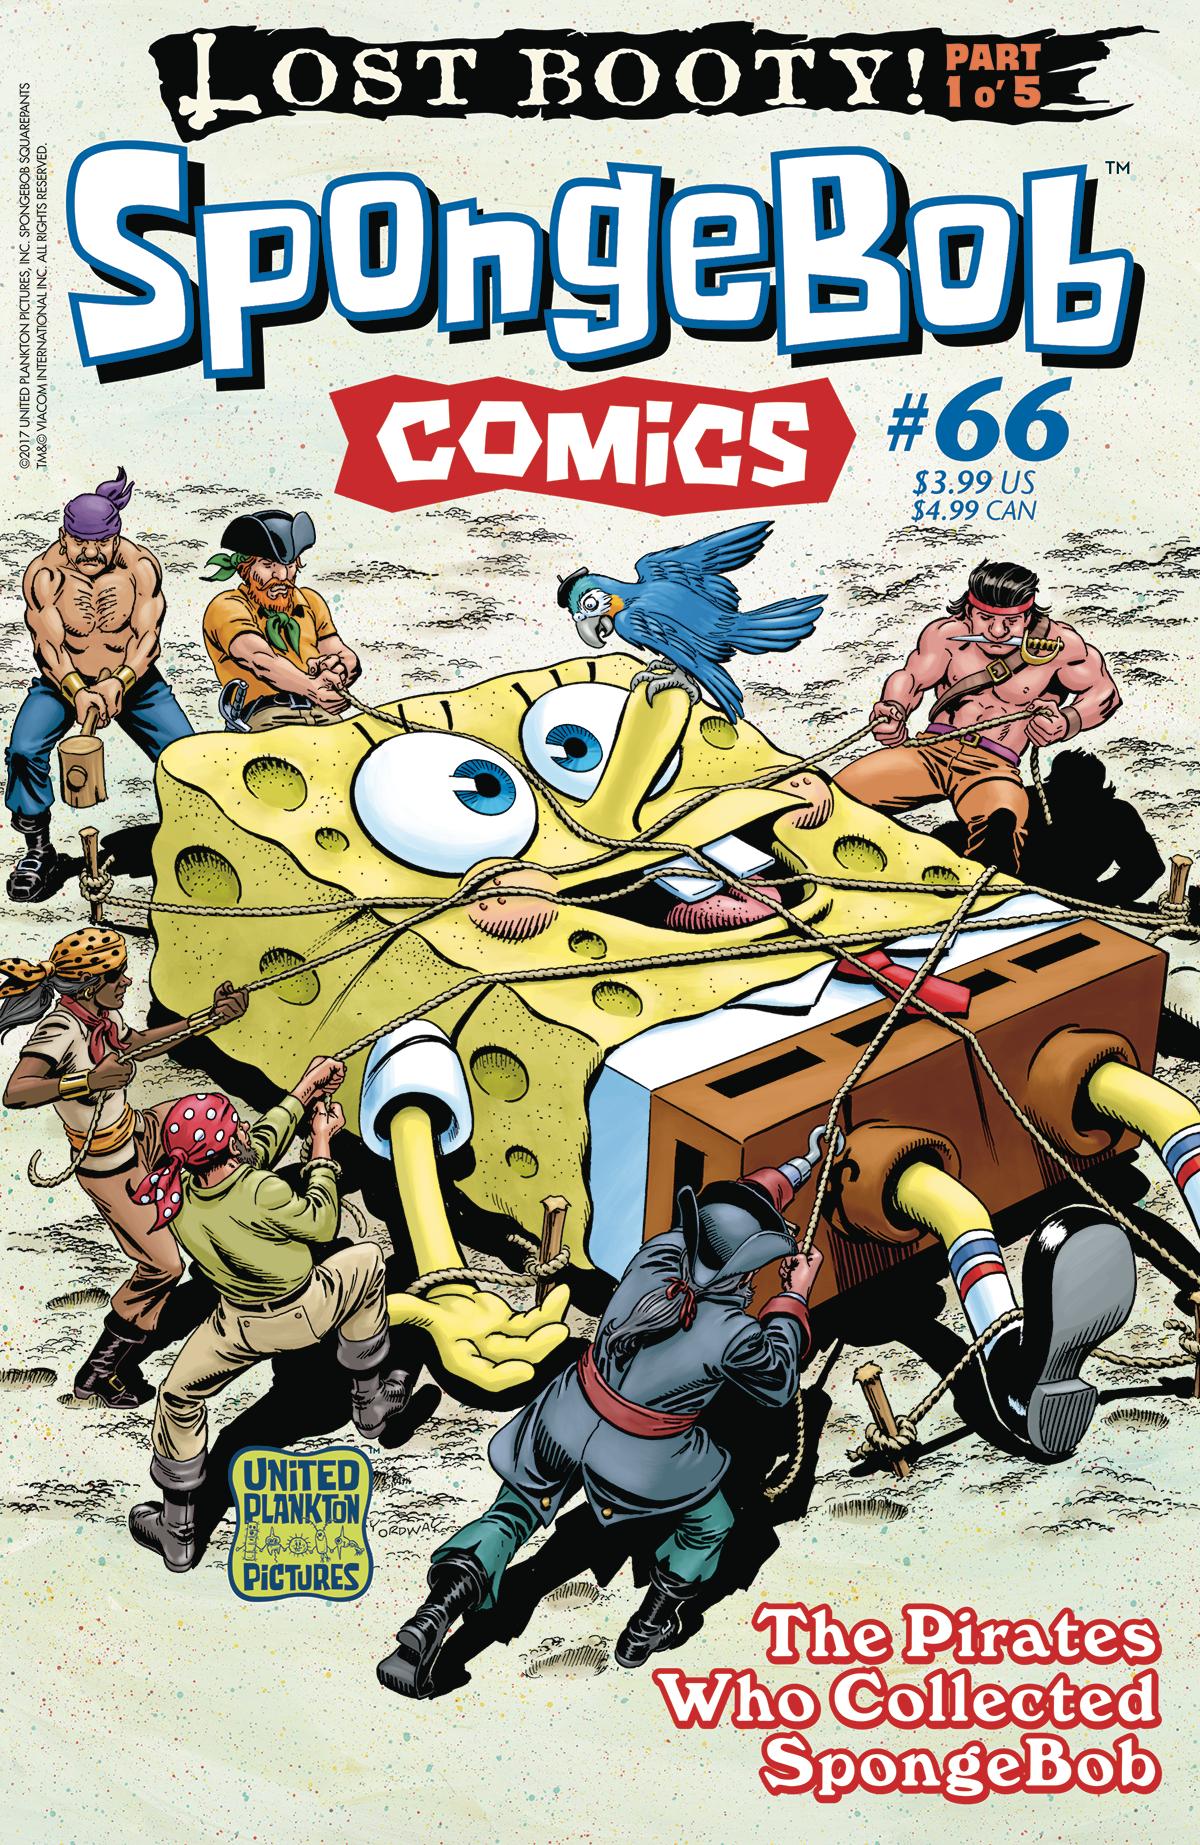 SpongeBob Comics No. 66